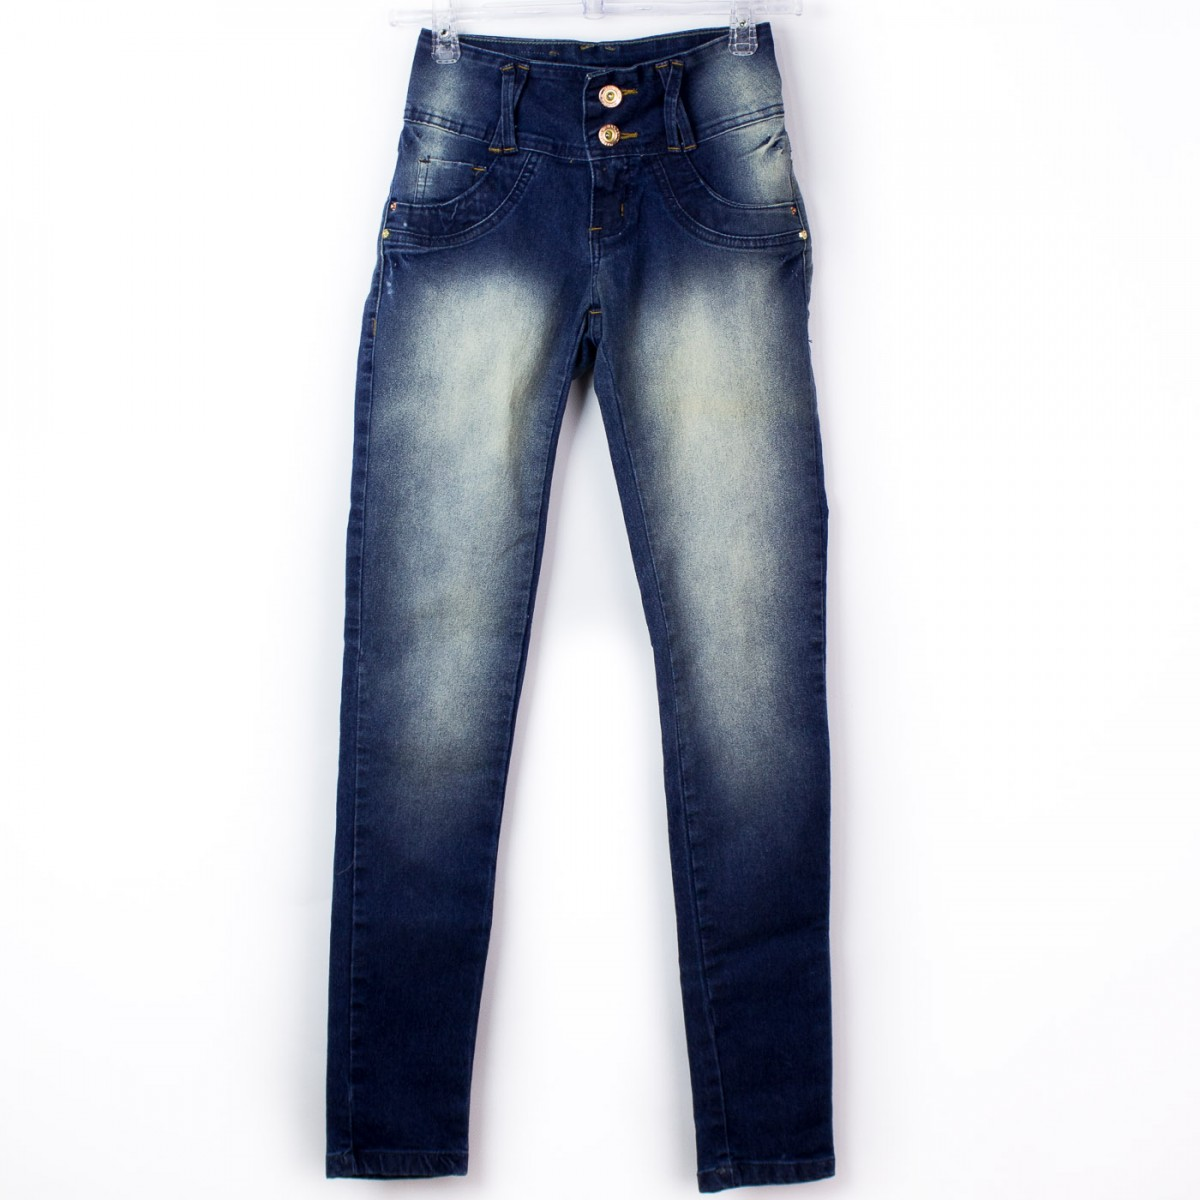 8a61ebc87d Bizz Store - Calça Jeans Feminina Max Denim Cigarrete Skinny